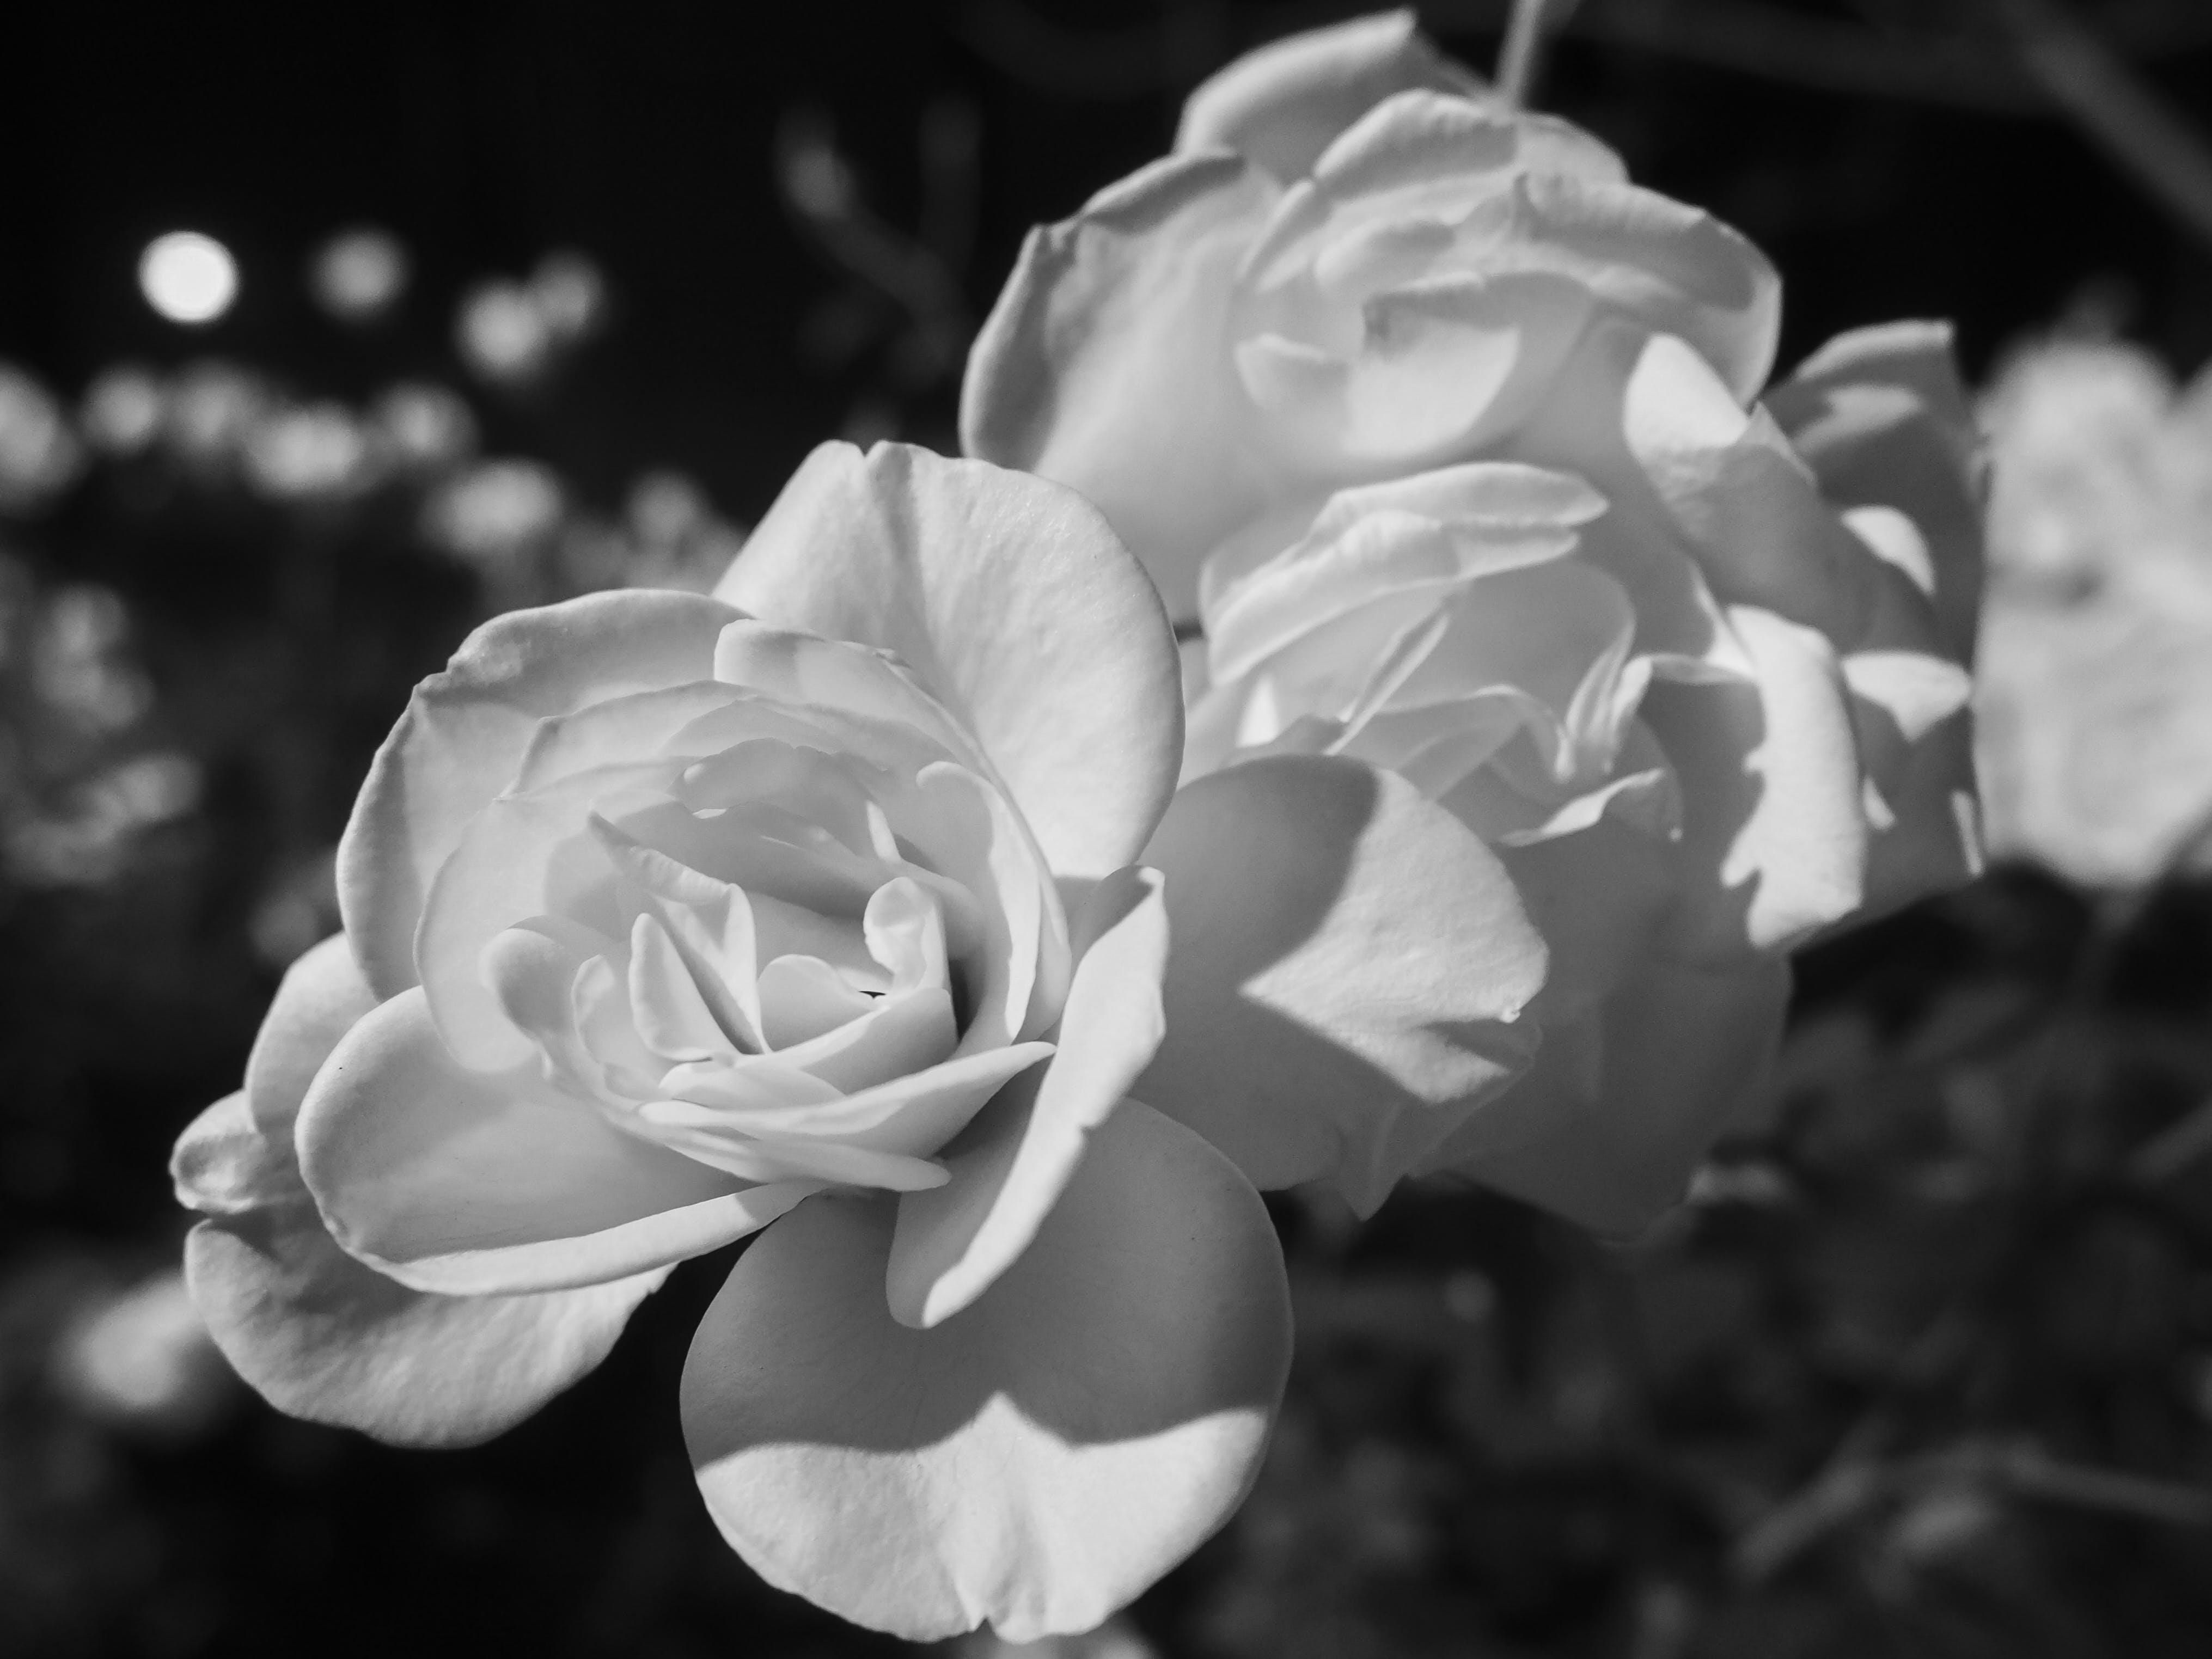 Kostenloses Stock Foto zu blume, blütenblätter, grau, graustufen